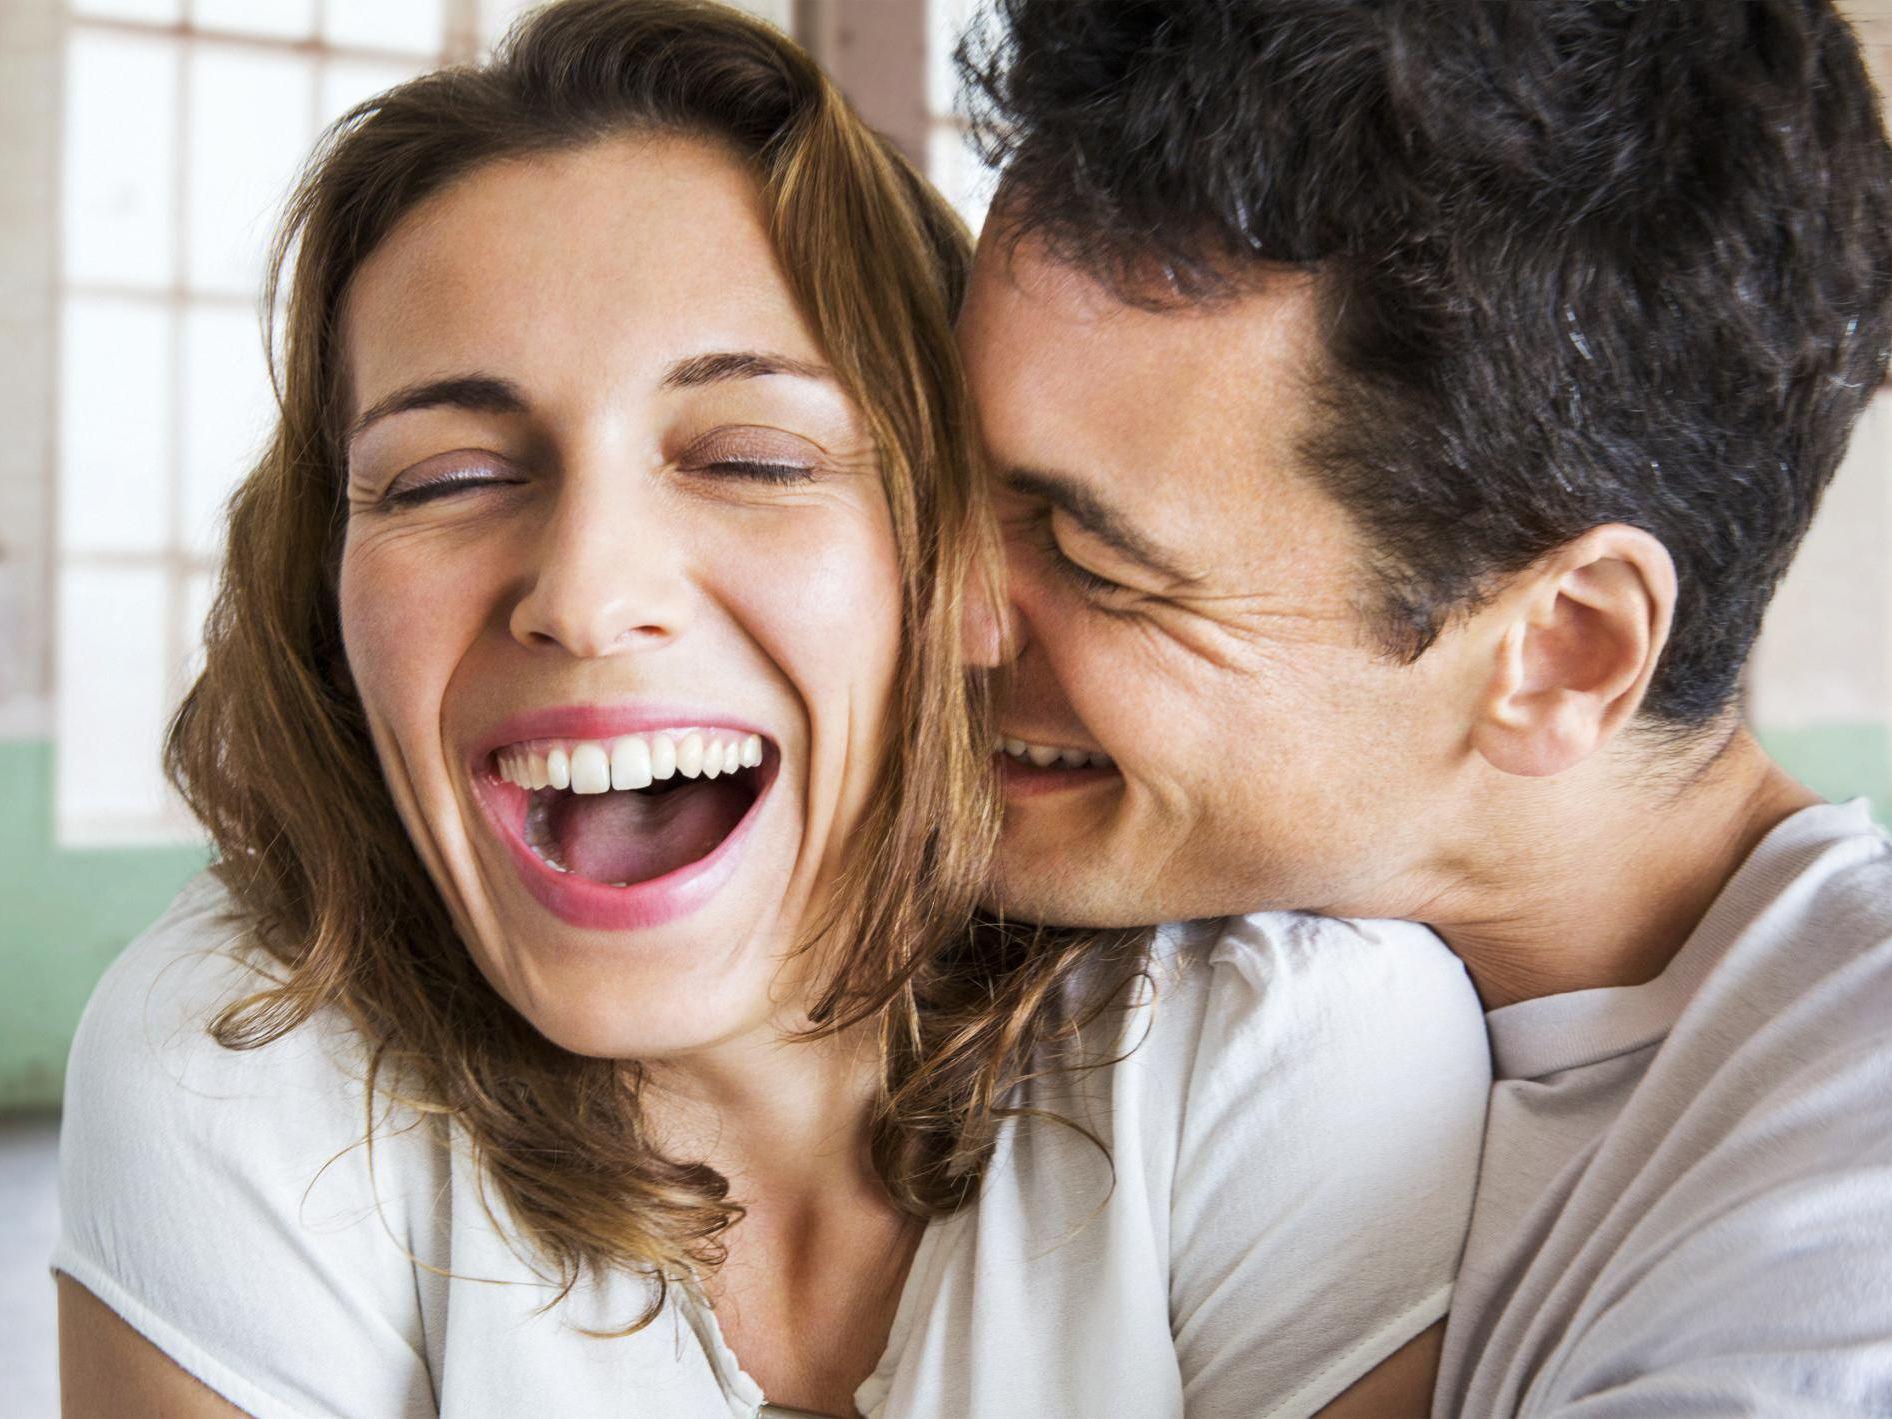 Dating după divorț în anii 50 - 9 căi pentru bărbați și femei pentru a începe peste